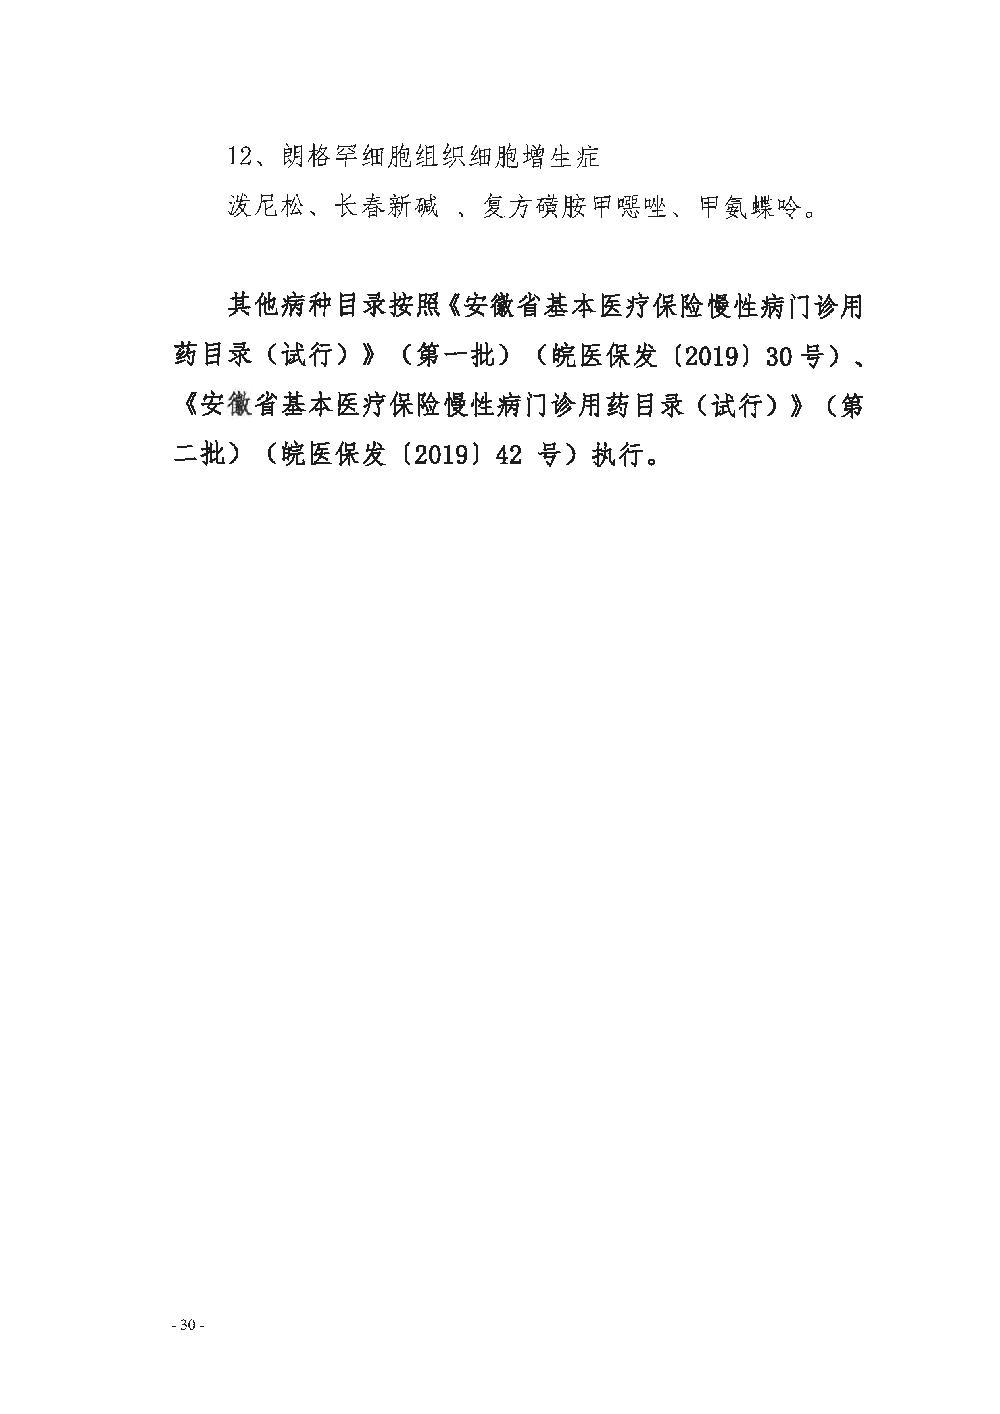 阜阳市城乡居民慢性病管理办法(1)_30.JPG